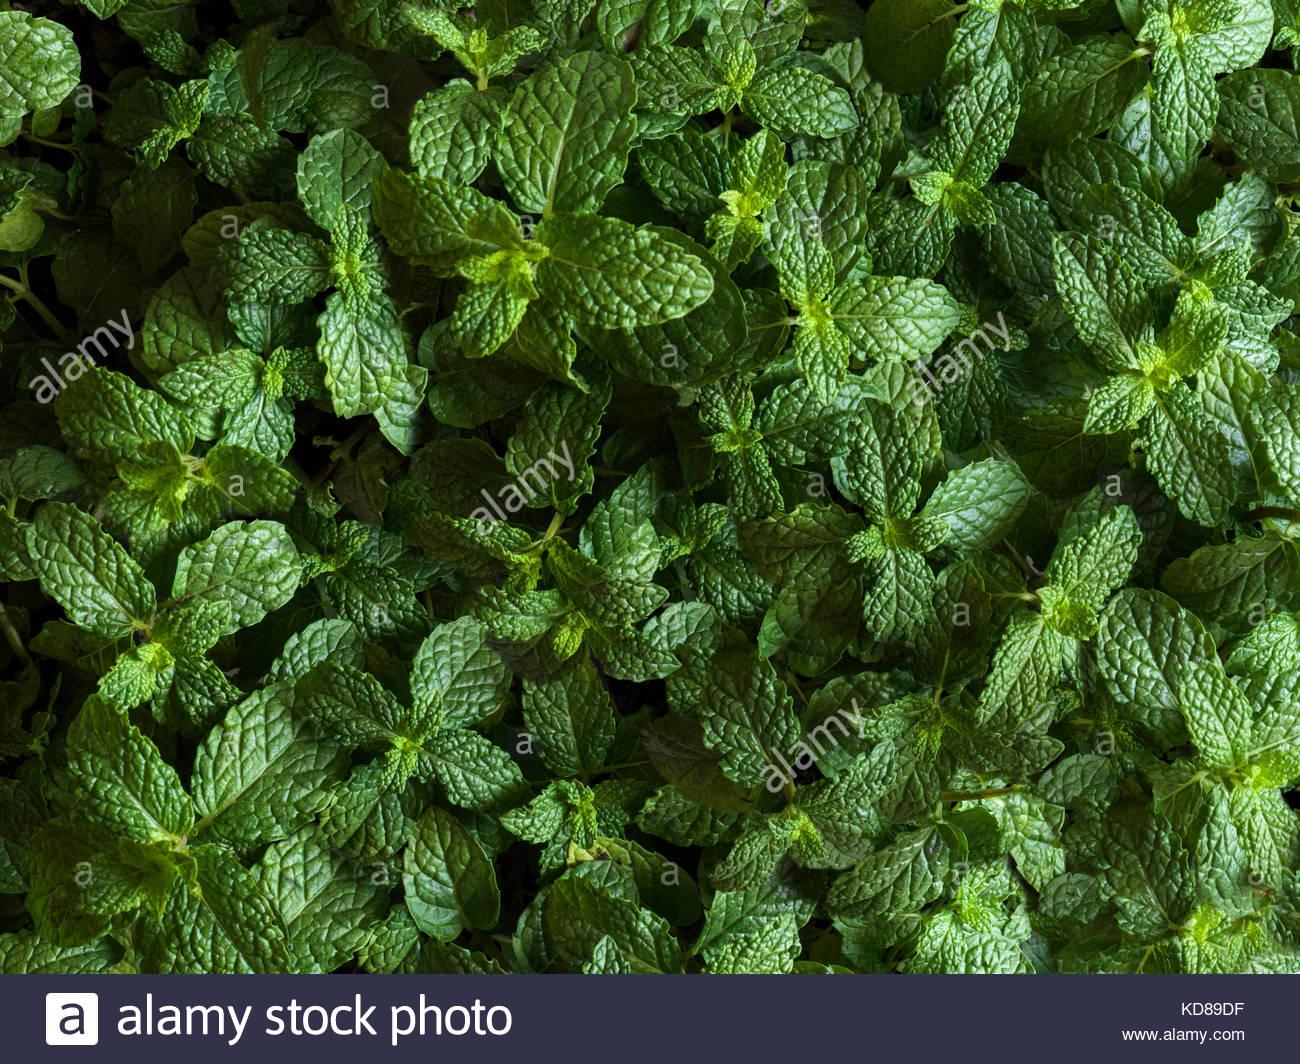 Extragroße Schuss von Minze Pflanzen von oben Stockbild